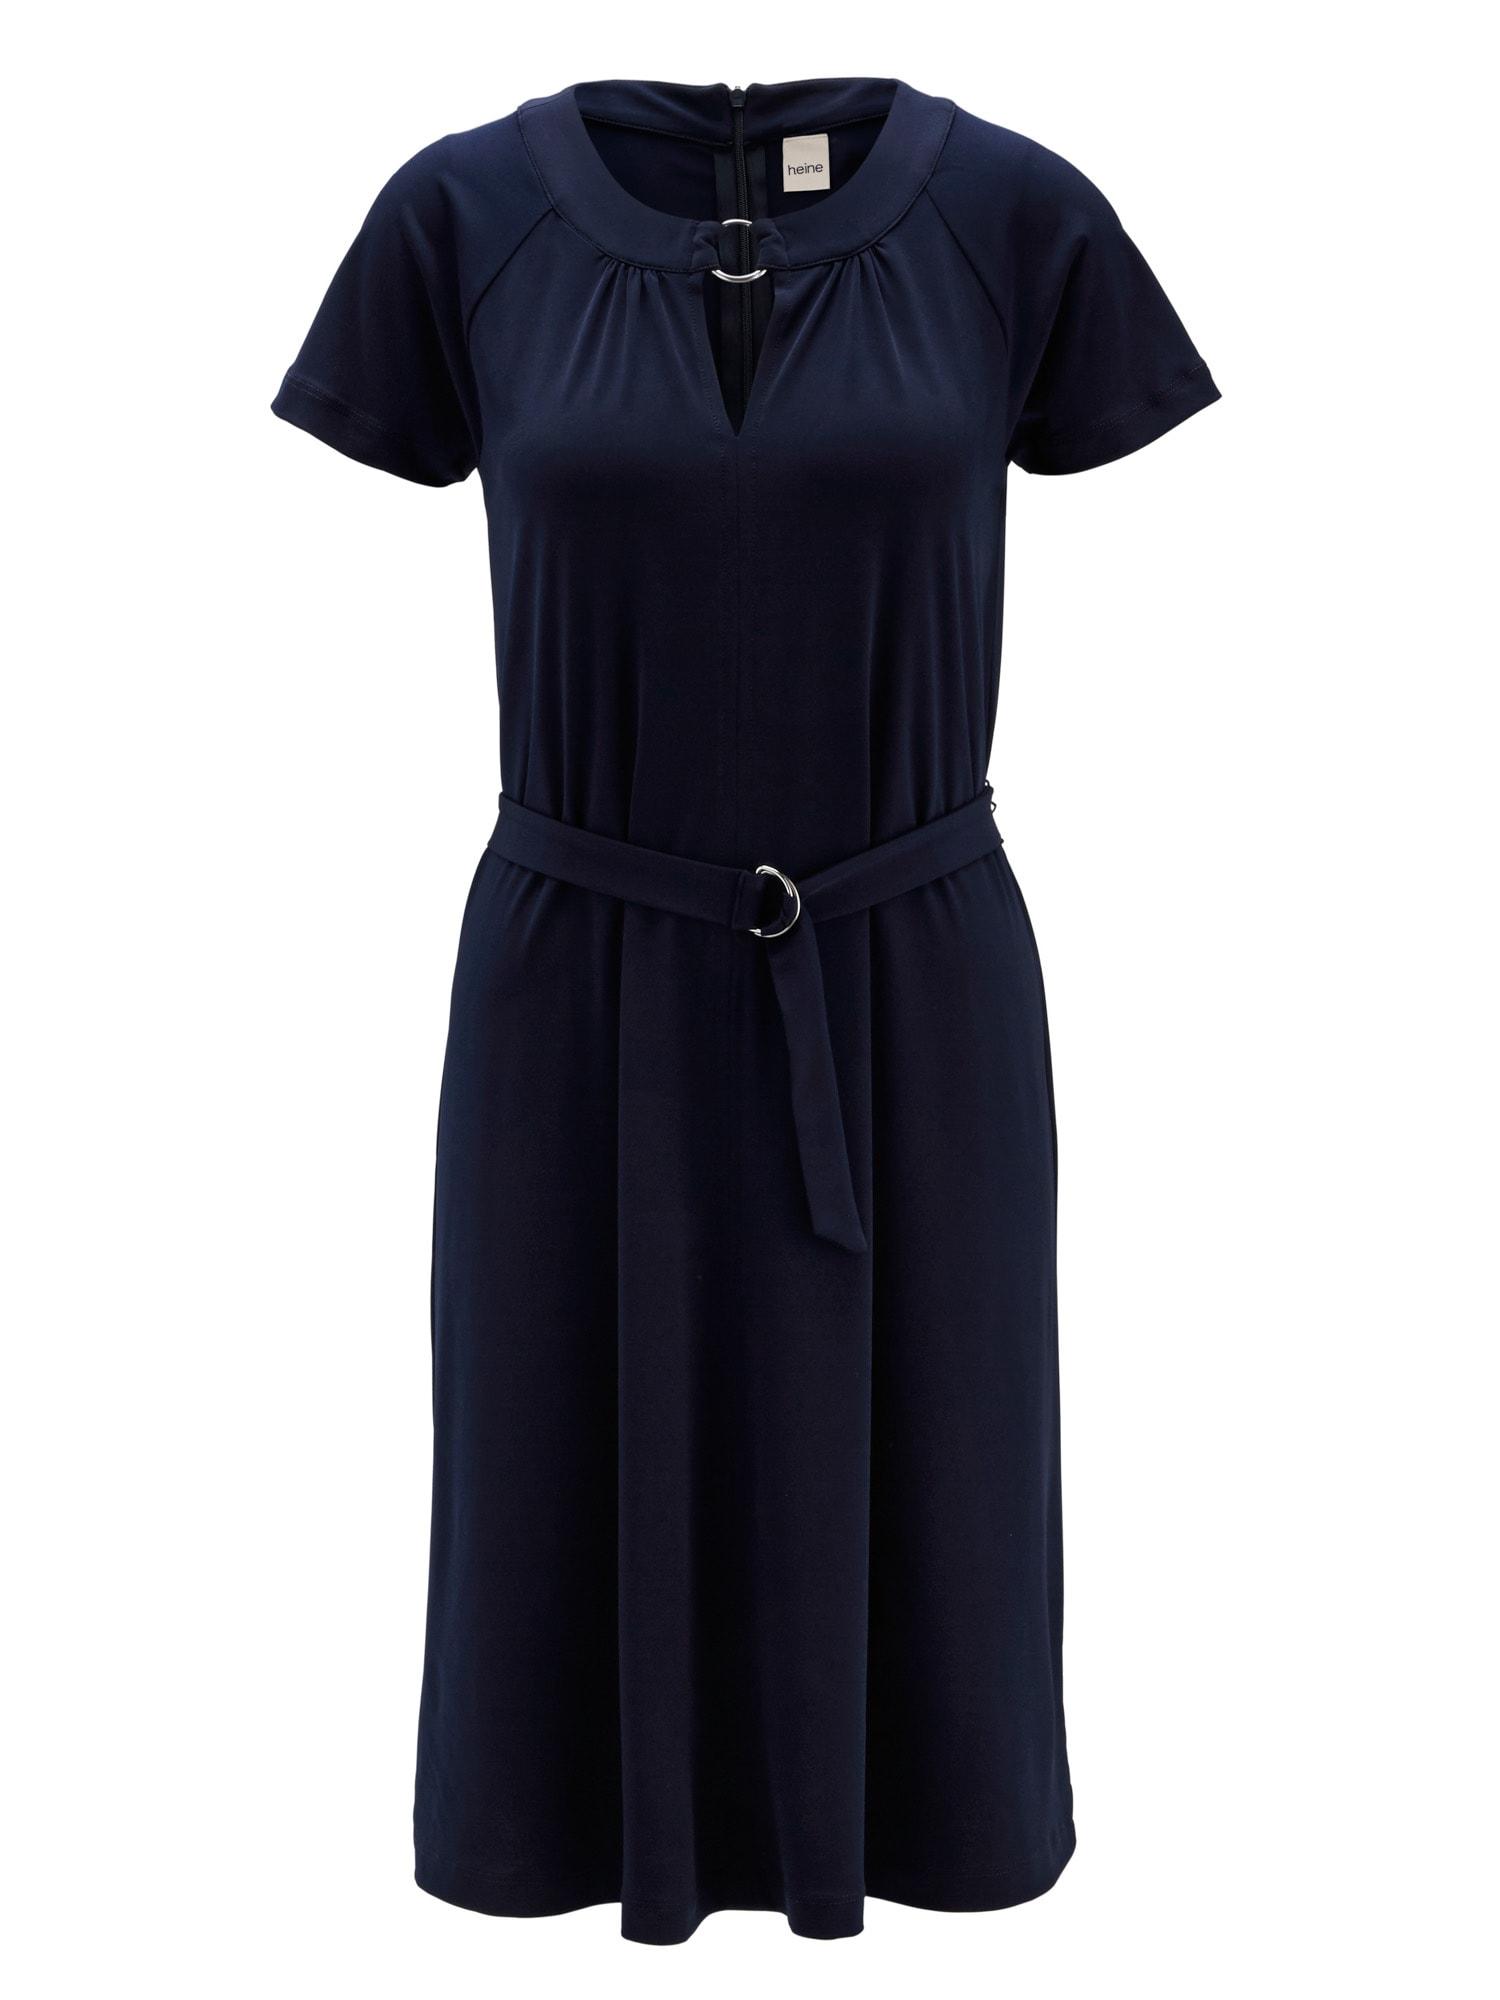 Jerseykleid   Bekleidung > Kleider > Jerseykleider   heine